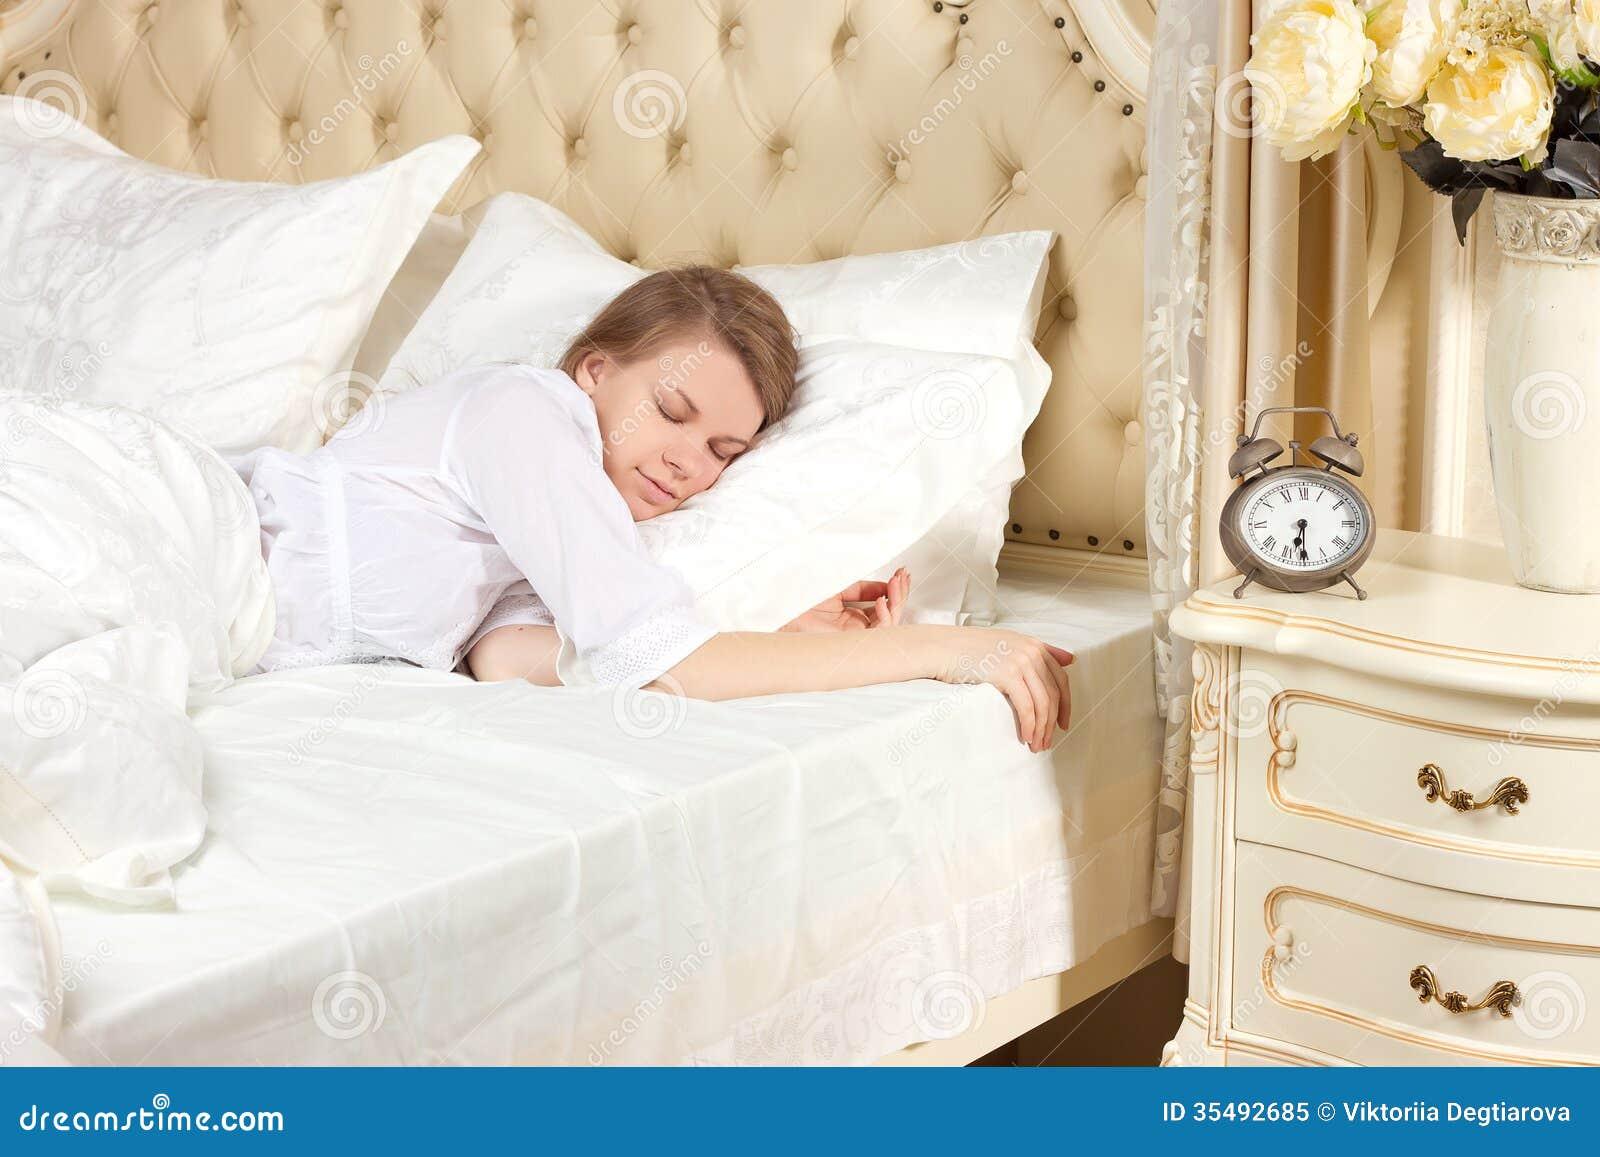 Im Bett mit dem Glauben